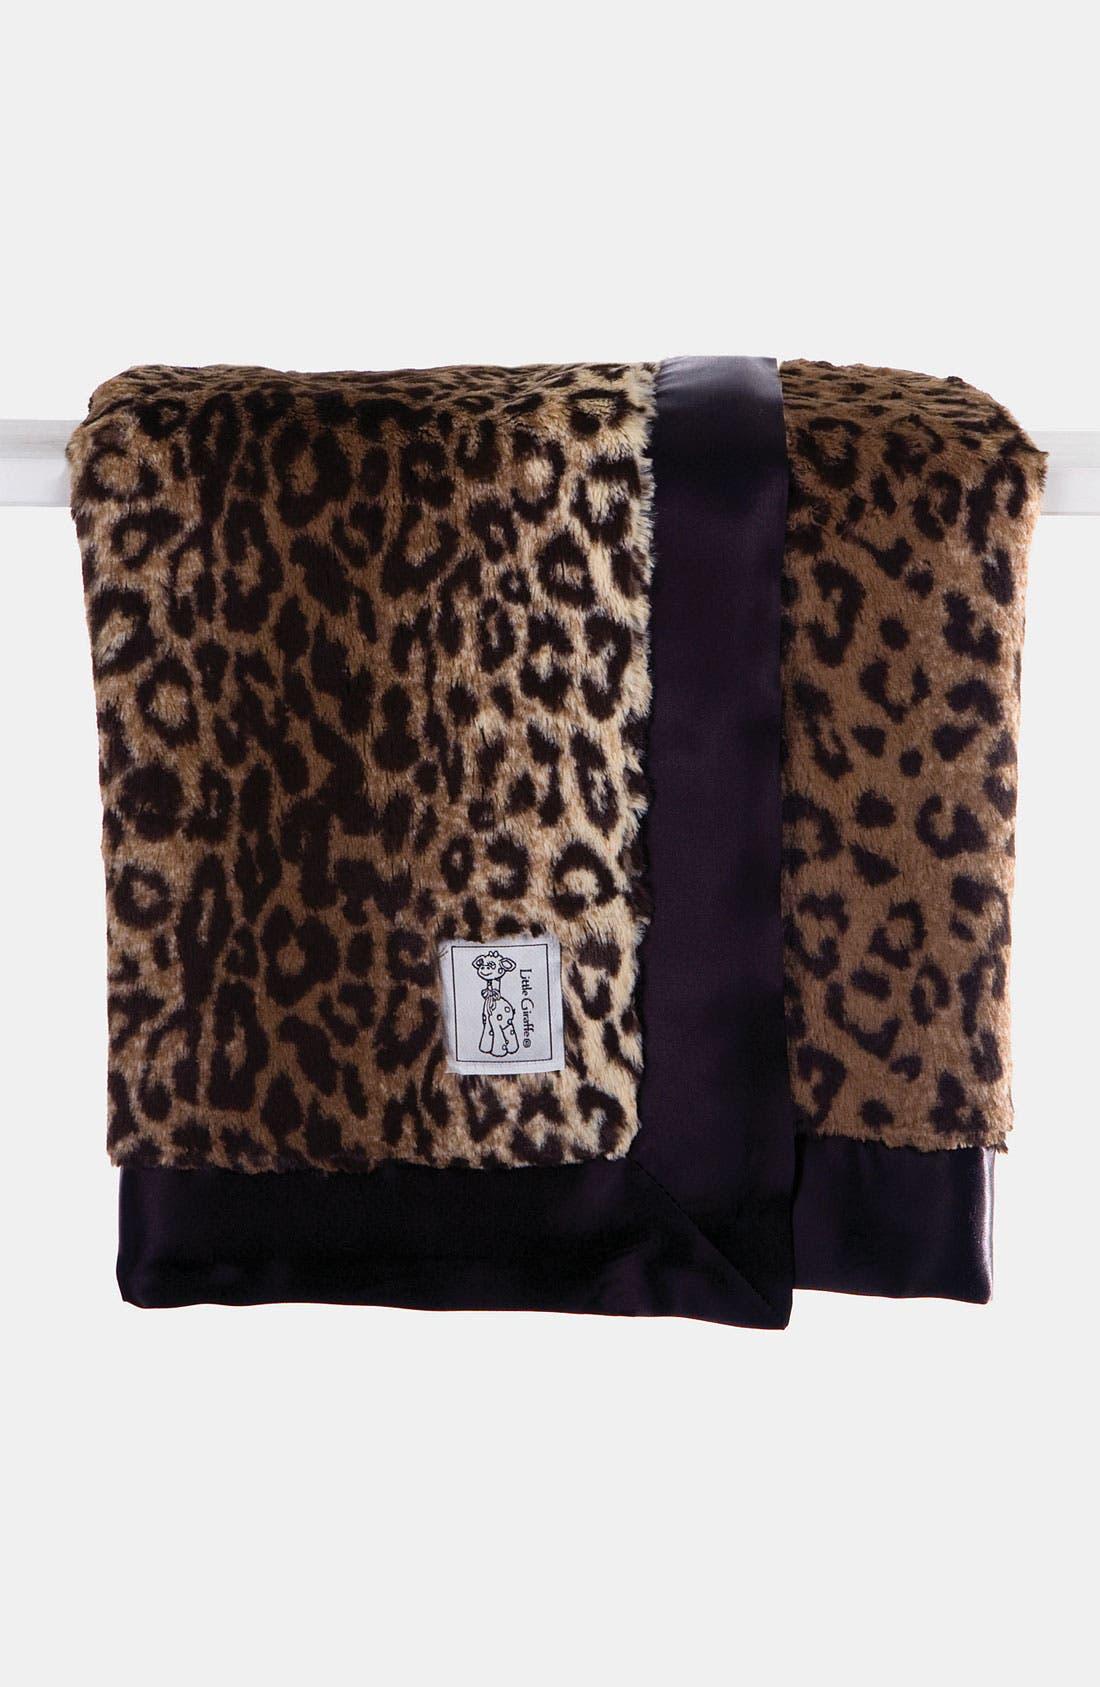 Alternate Image 1 Selected - Little Giraffe Leopard Print Blanket